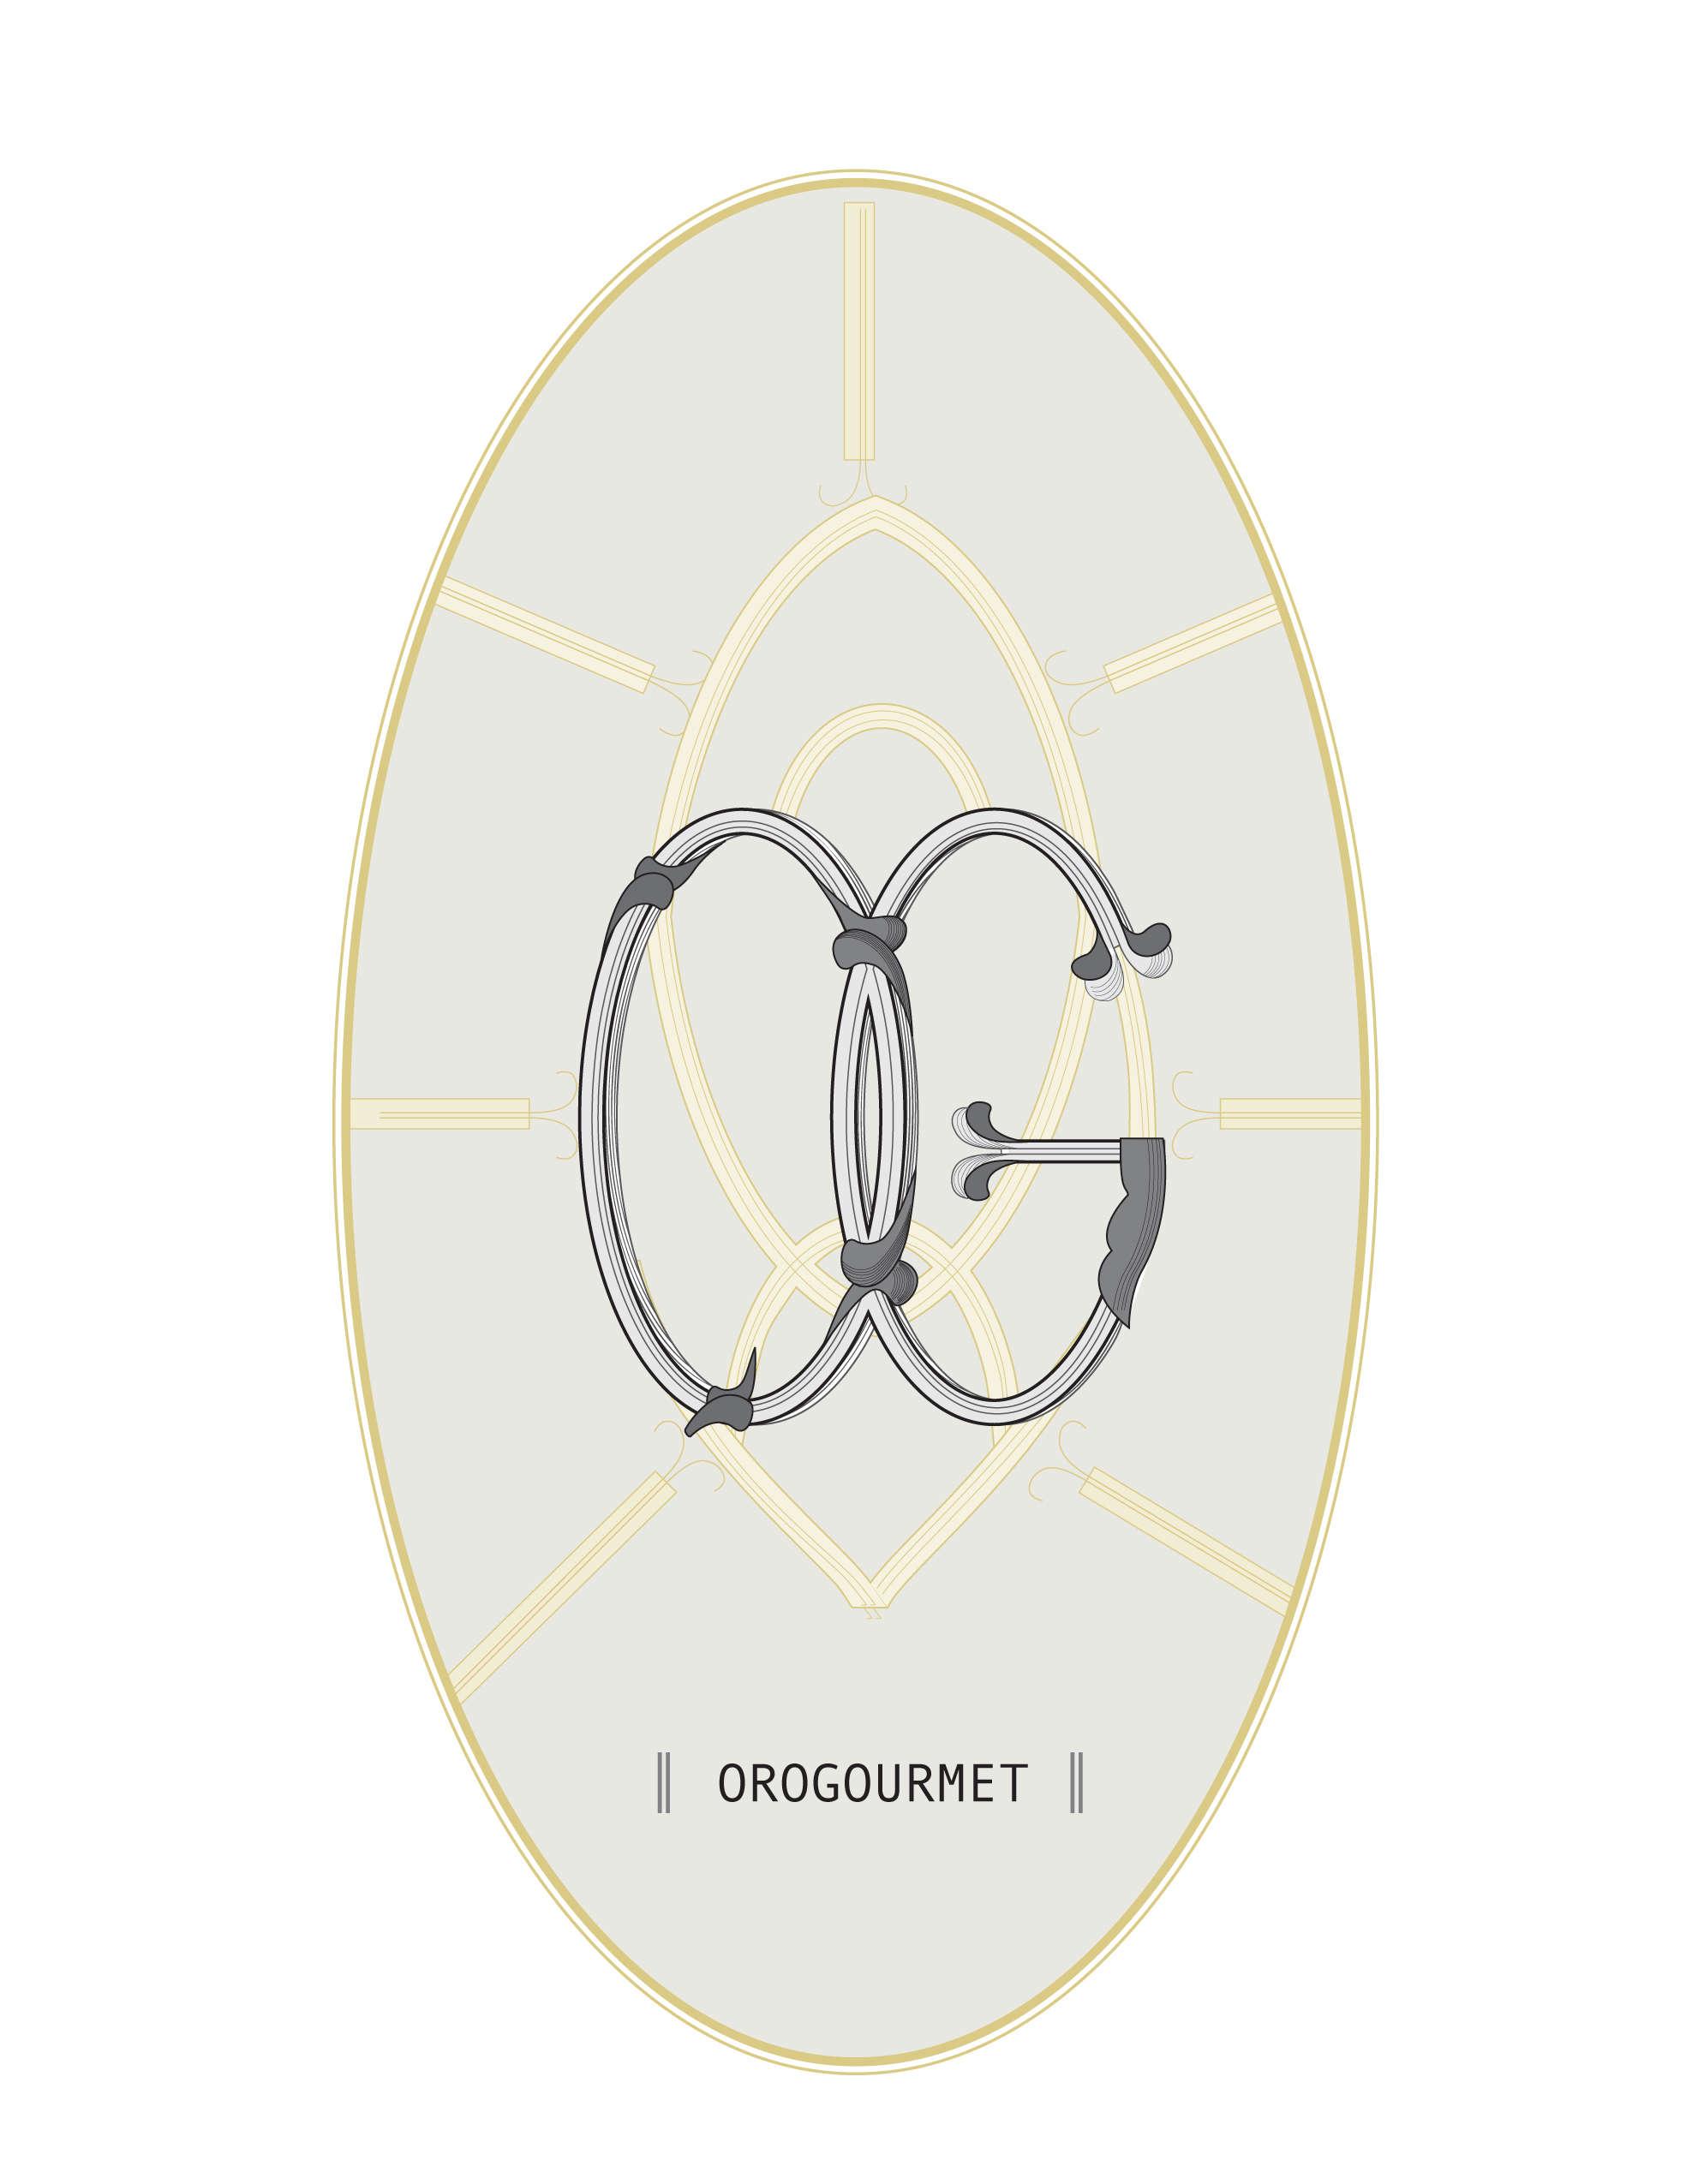 logotipo-tipografia-vectorial-oro-gourmet